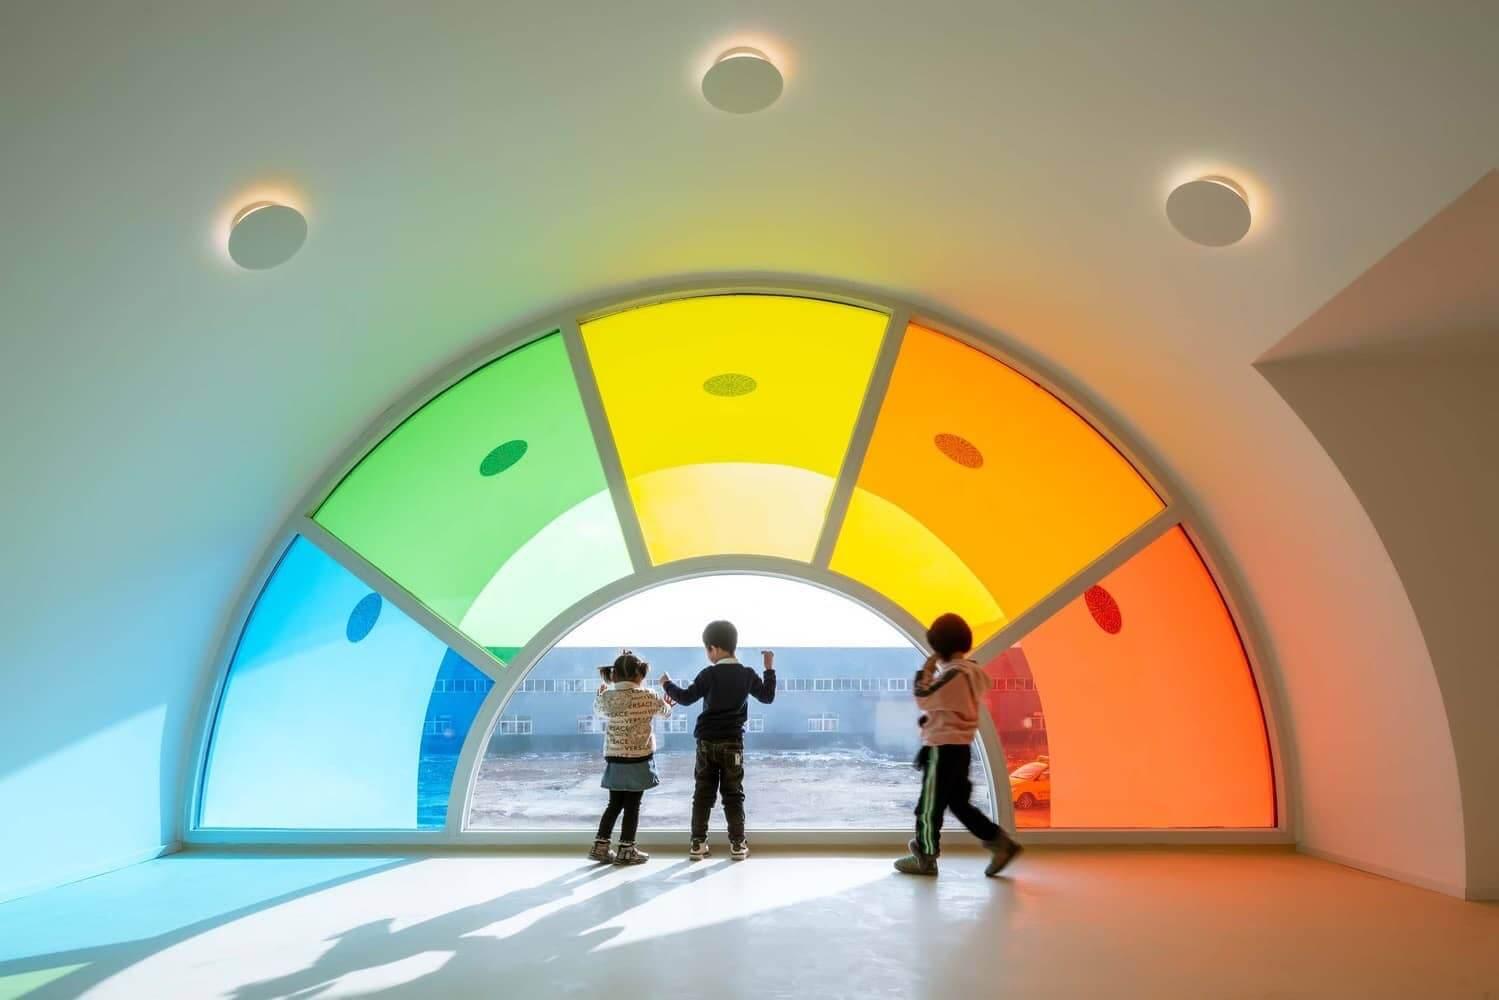 fronton de cristal de colores para la arquitectura de una guarderia en china